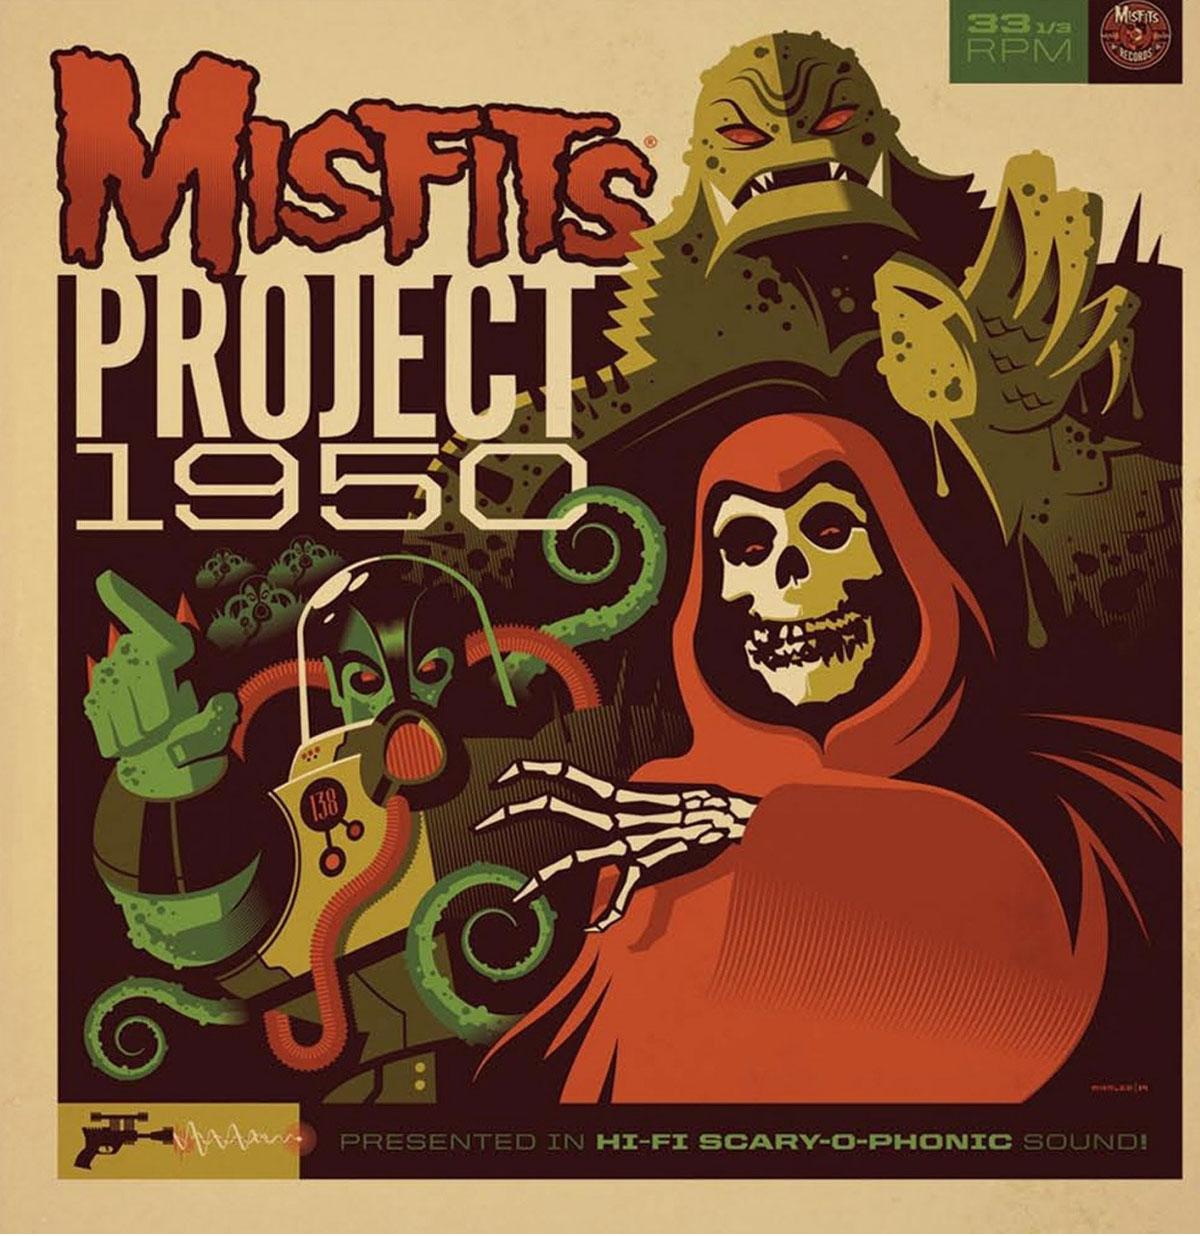 Misfits - Project 1950 LP - GESIGNEERD door de 4 bandleden